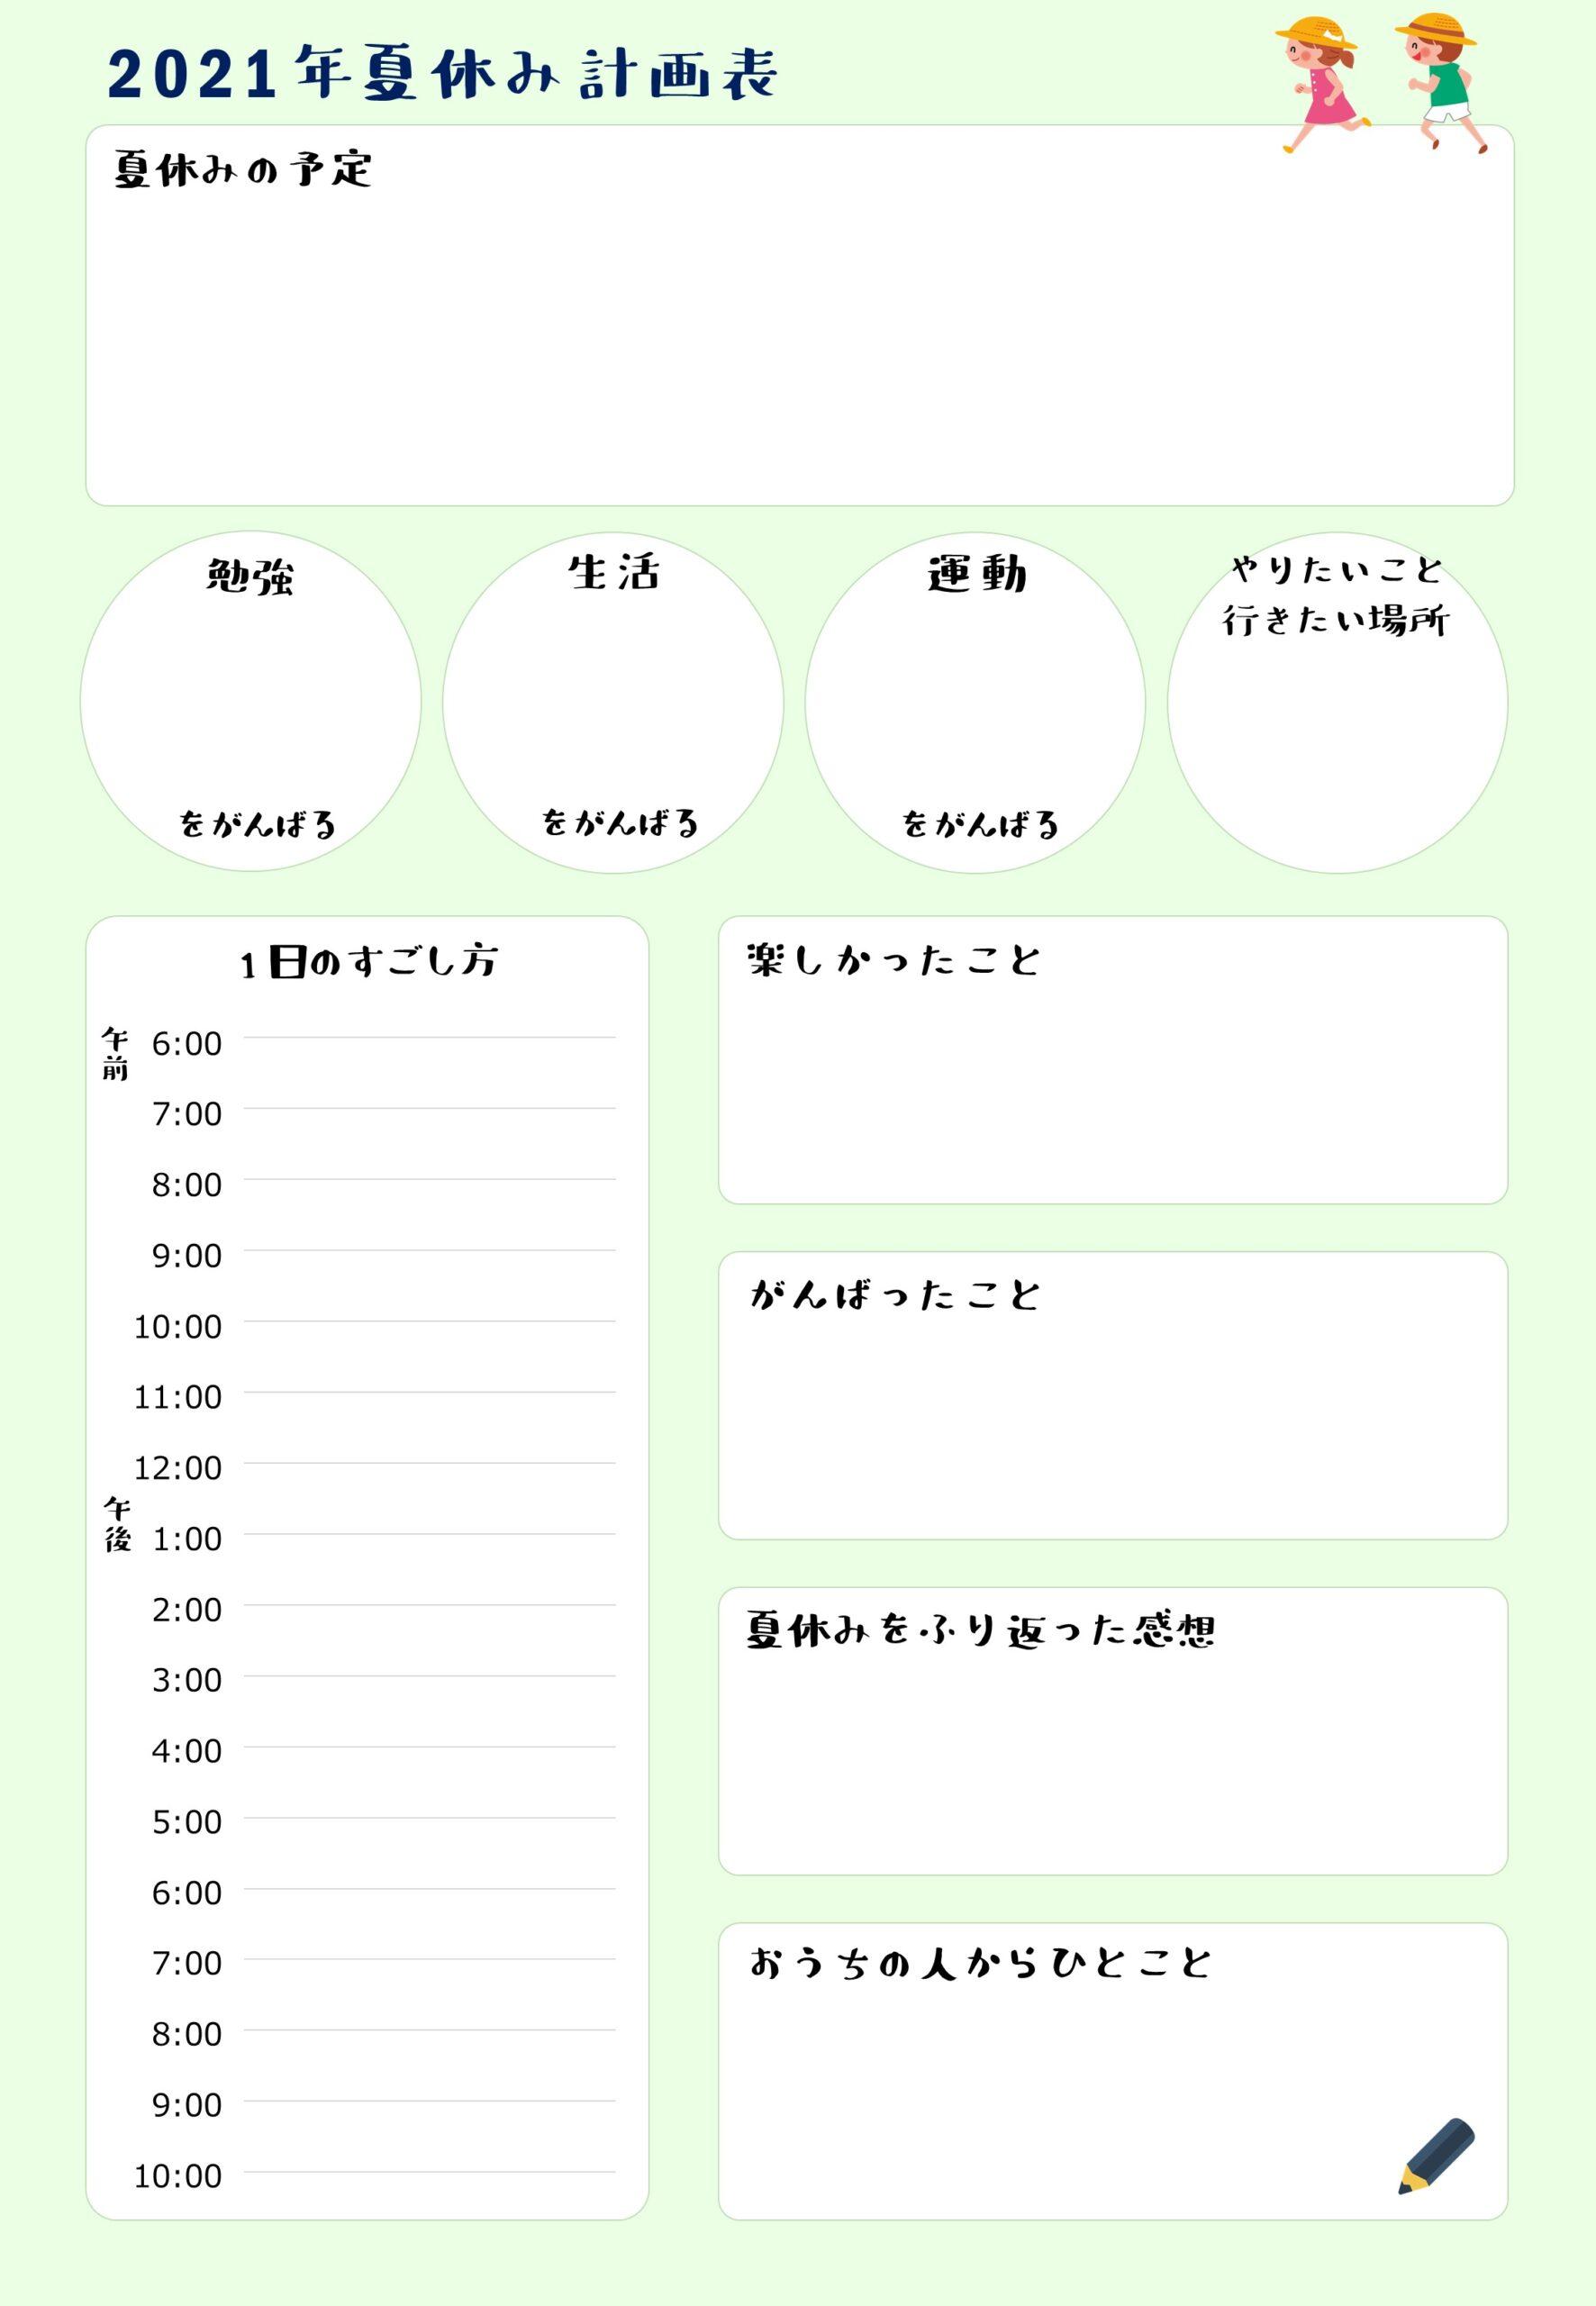 2021年夏休み計画表